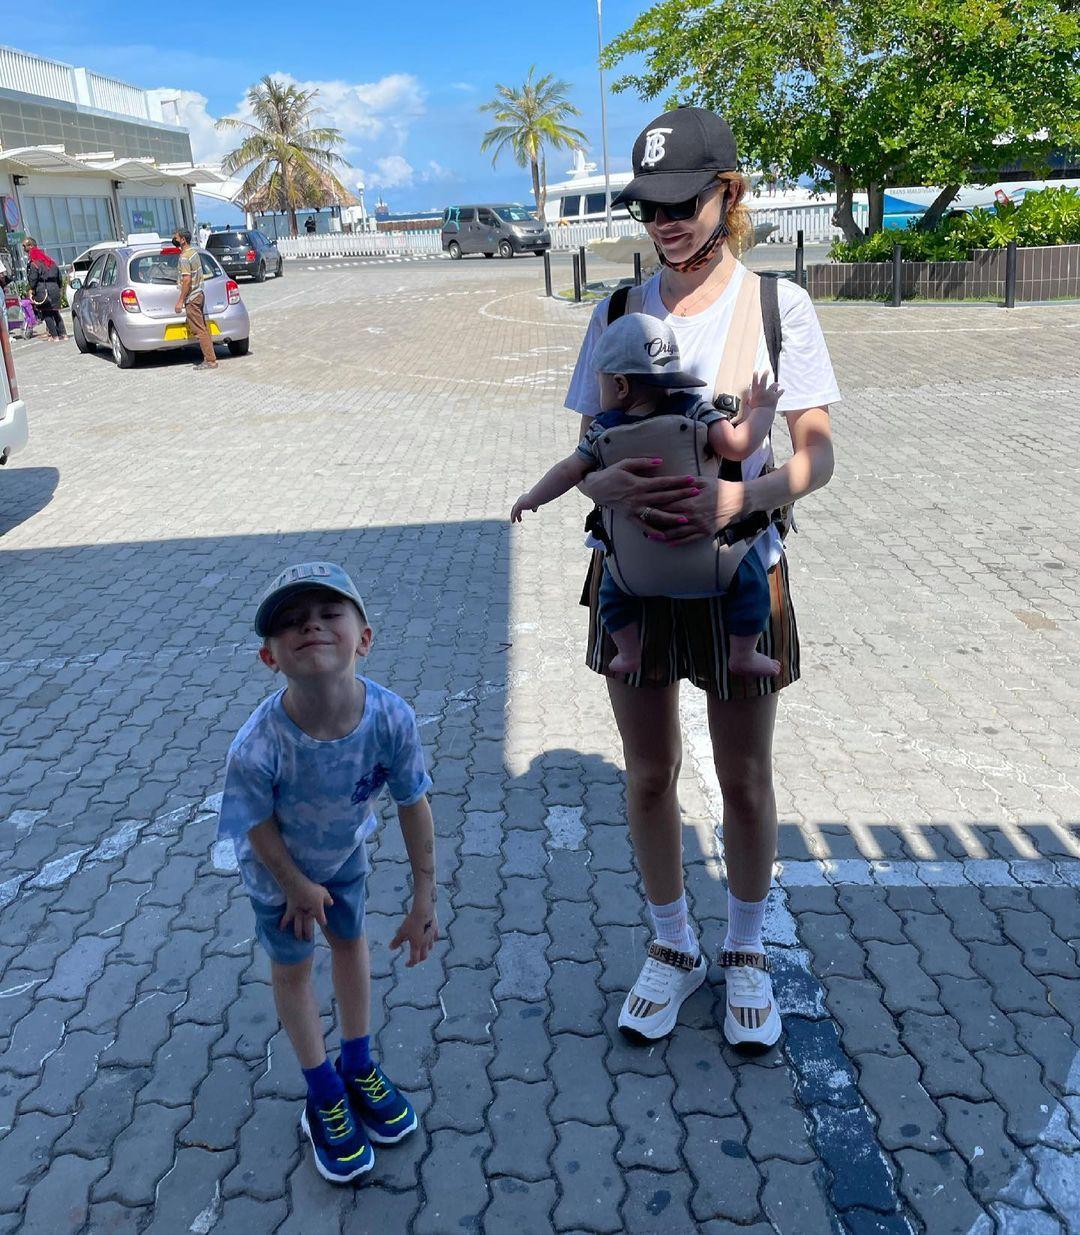 Наталья Подольская с детьми на Мальдивах. Фото: @nataliapodolskaya